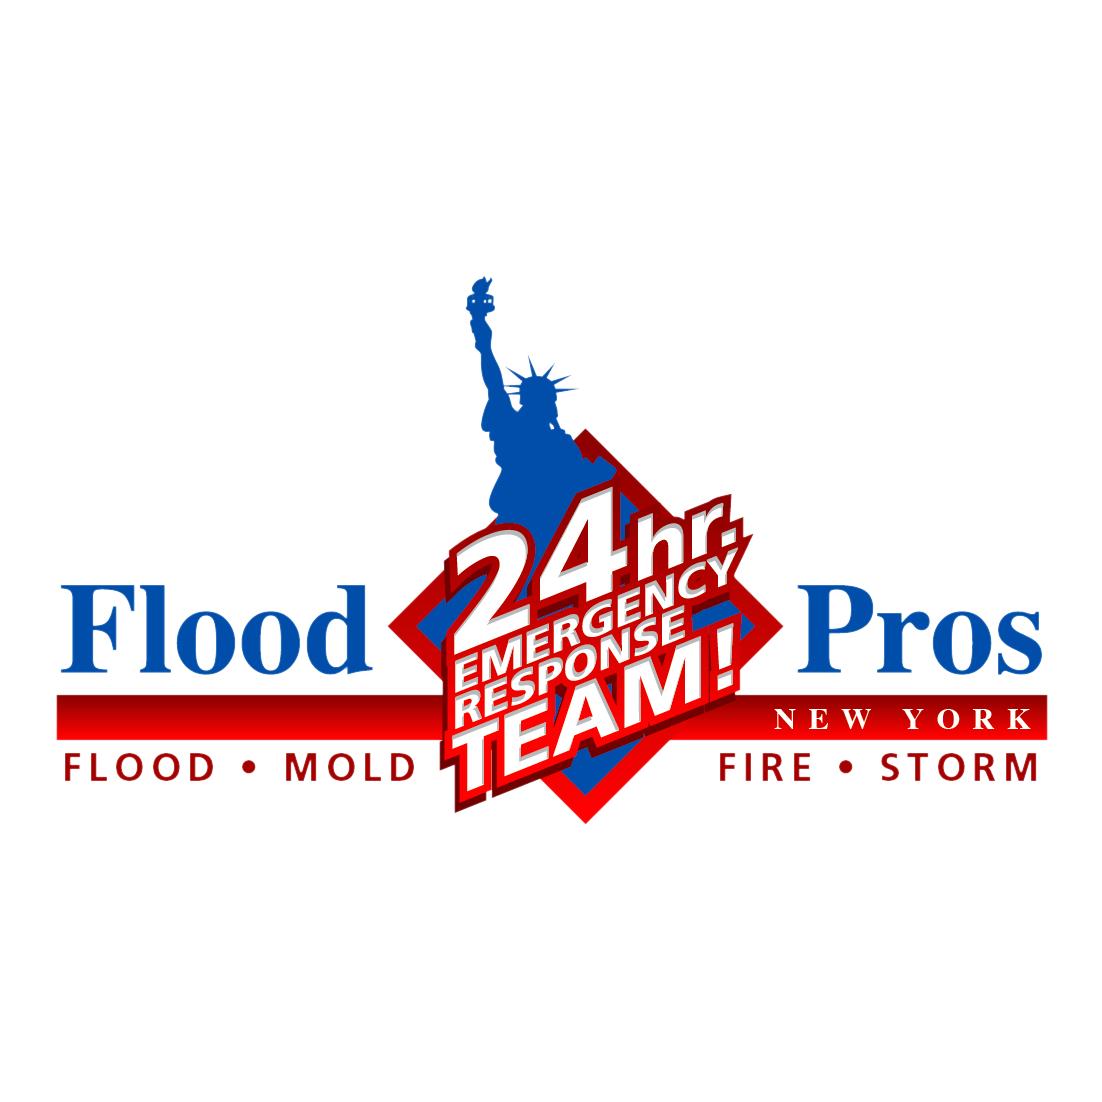 Flood Pros of NY